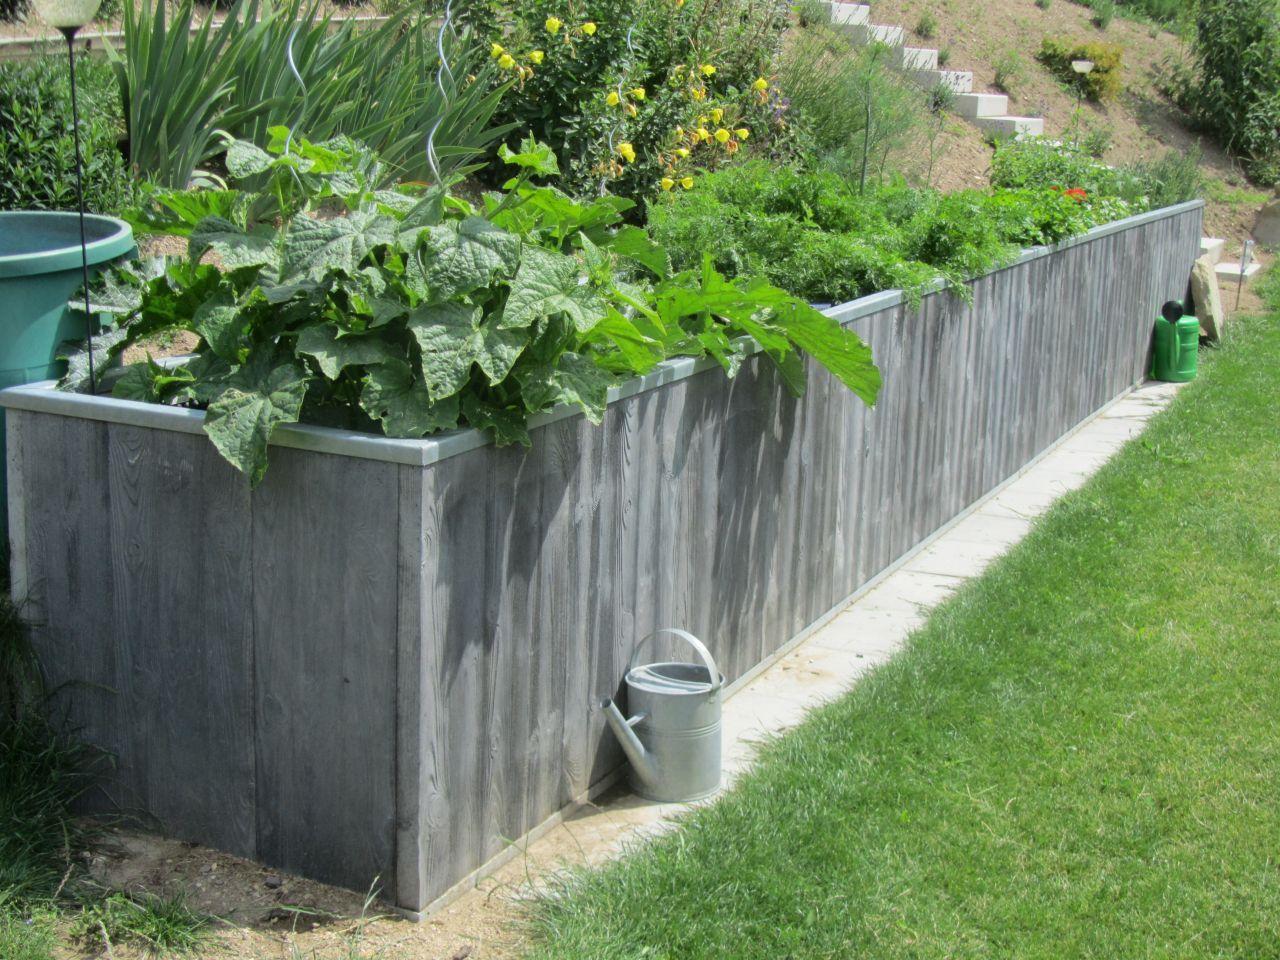 einfaches hochbeet   hochbeet.co.at - frische ideen für ihren, Garten und Bauen